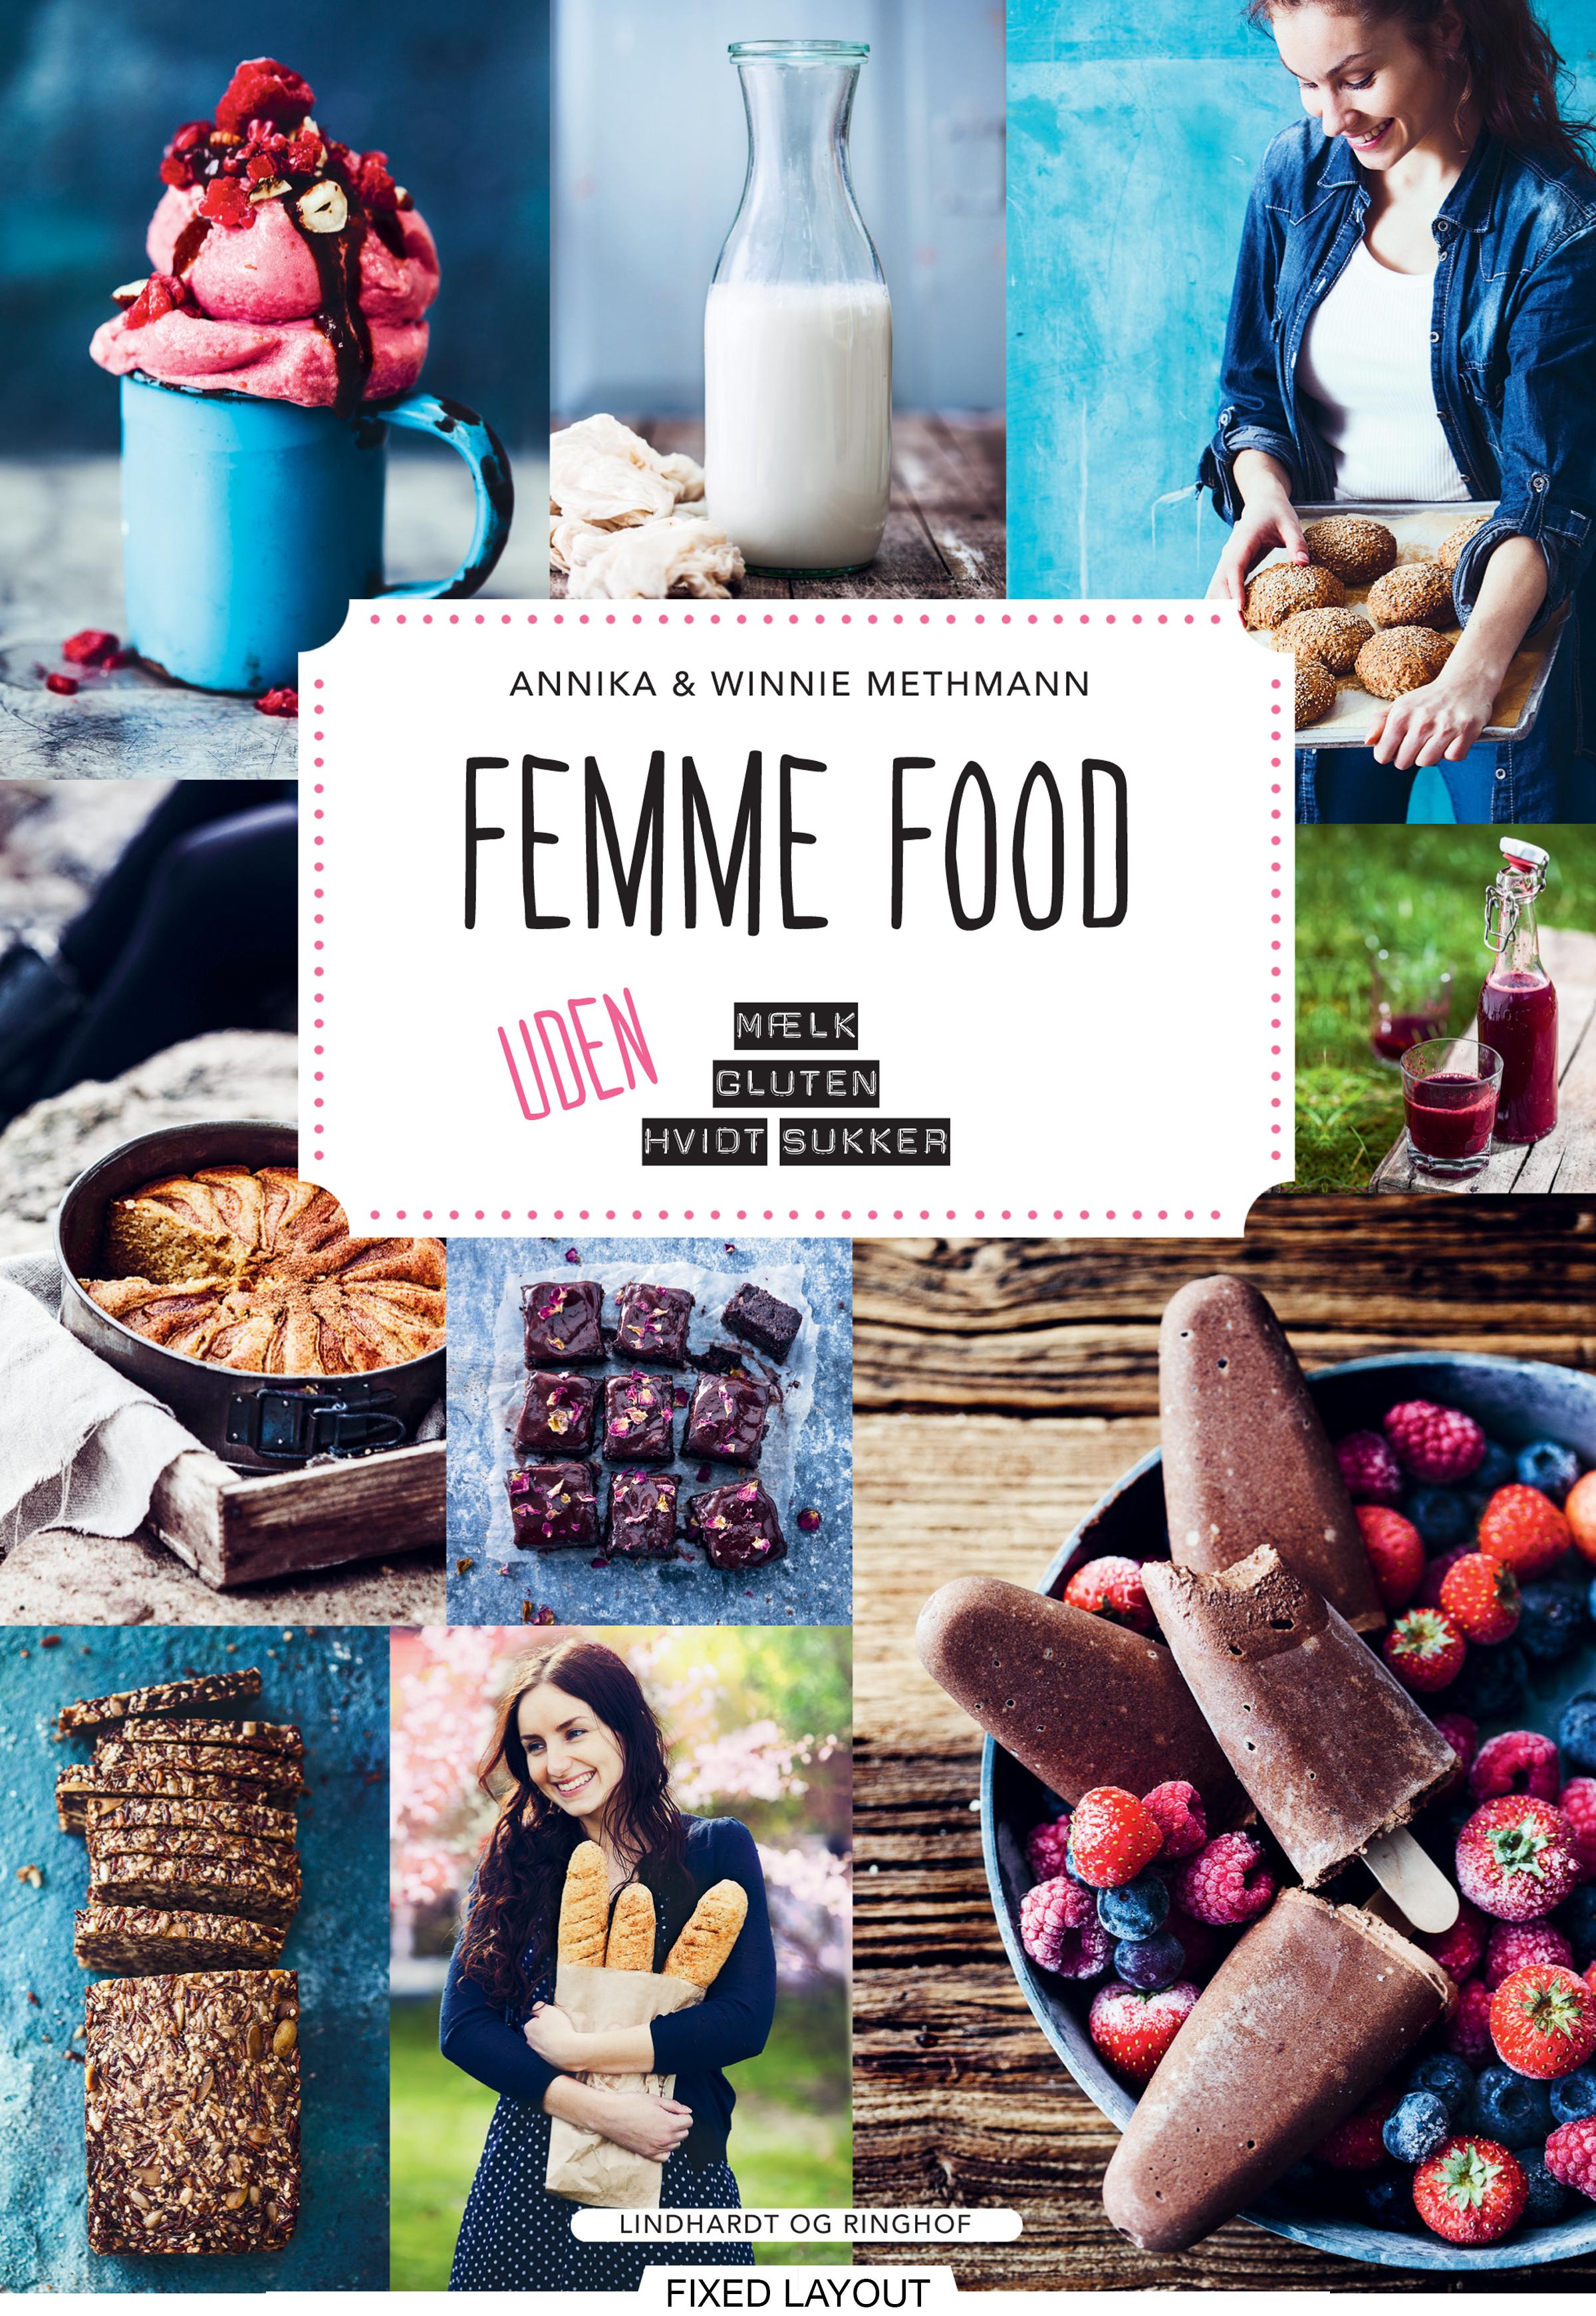 N/A – Femme food - uden mælk, gluten og hvidt sukker - e-bog fra bog & mystik